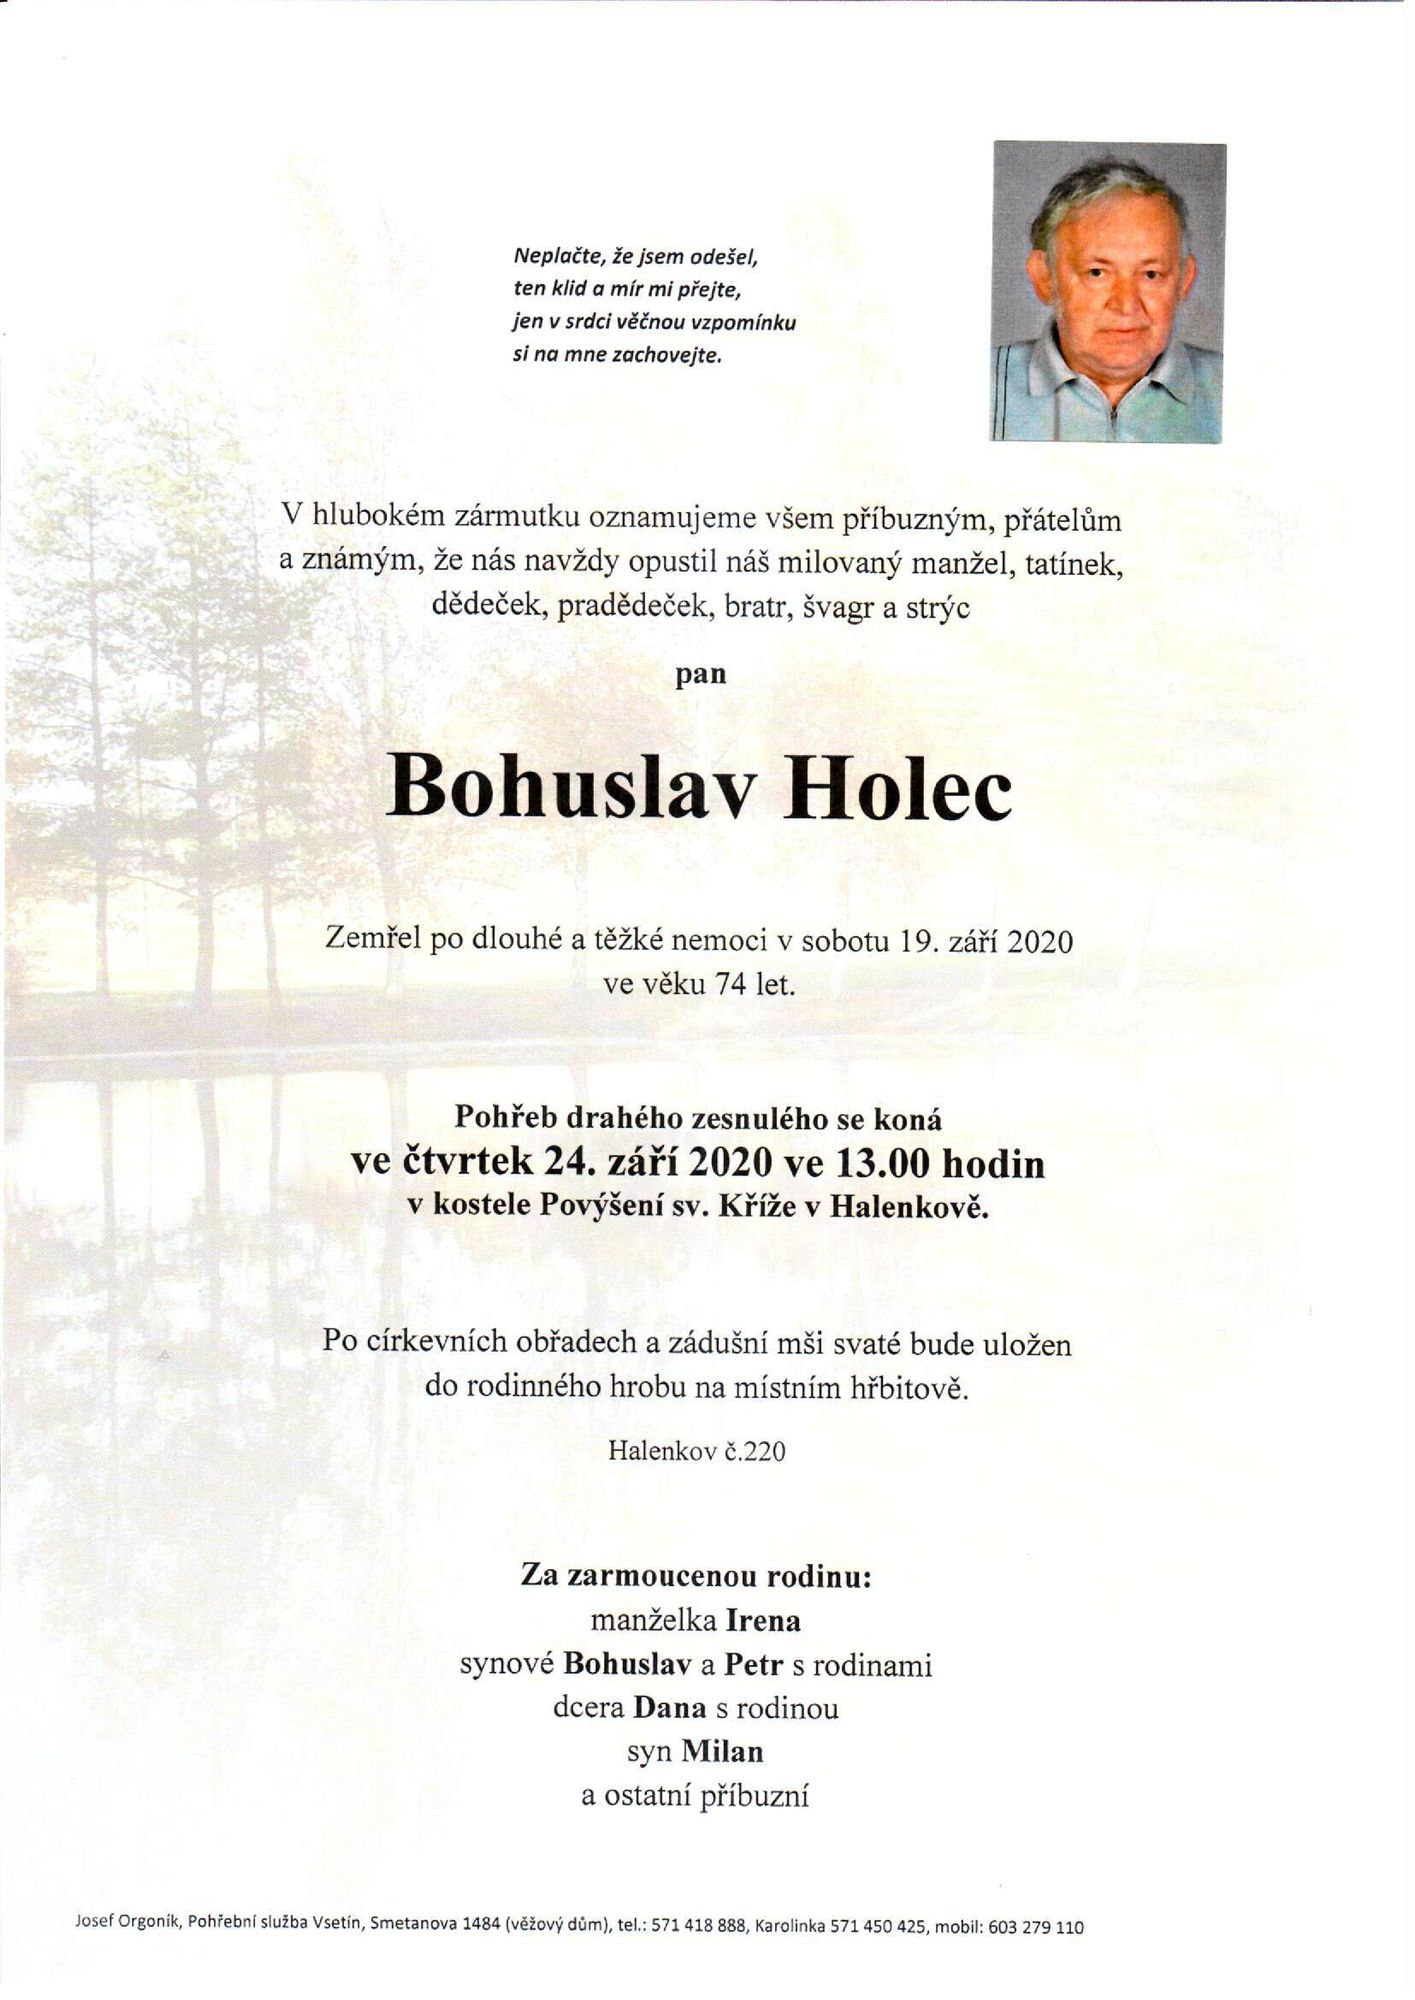 Bohuslav Holec